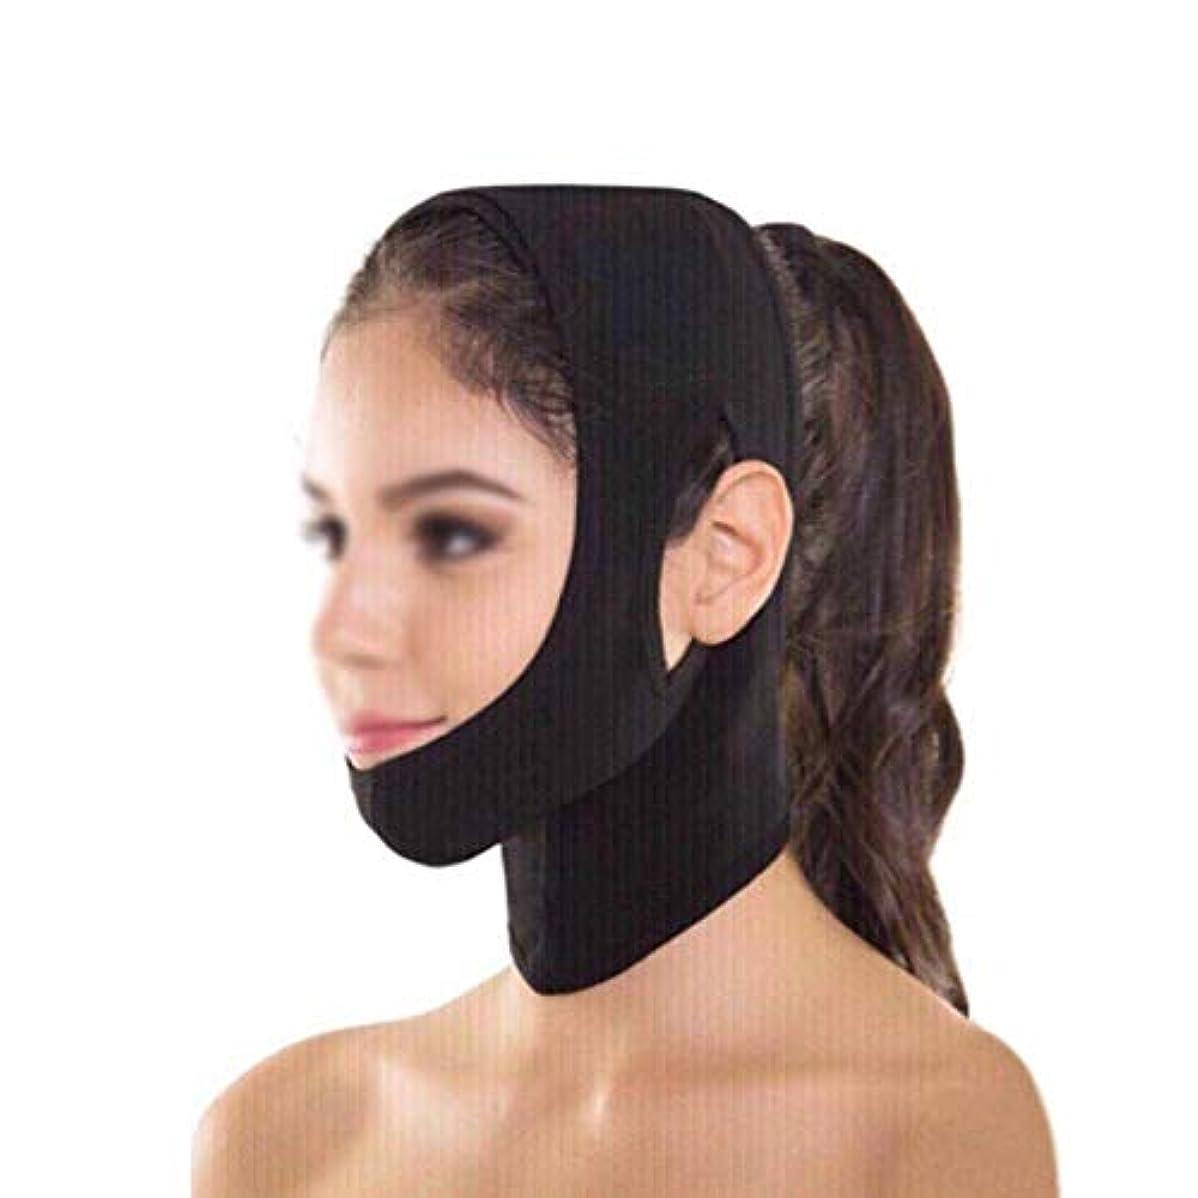 切断する休日に動物園フェイスリフティングバンデージ、フェイスリフティングマスク、顔面の首と首を持ち上げる、顔を持ち上げて二重あごを減らす(フリーサイズ)(カラー:カーキ色),ブラック